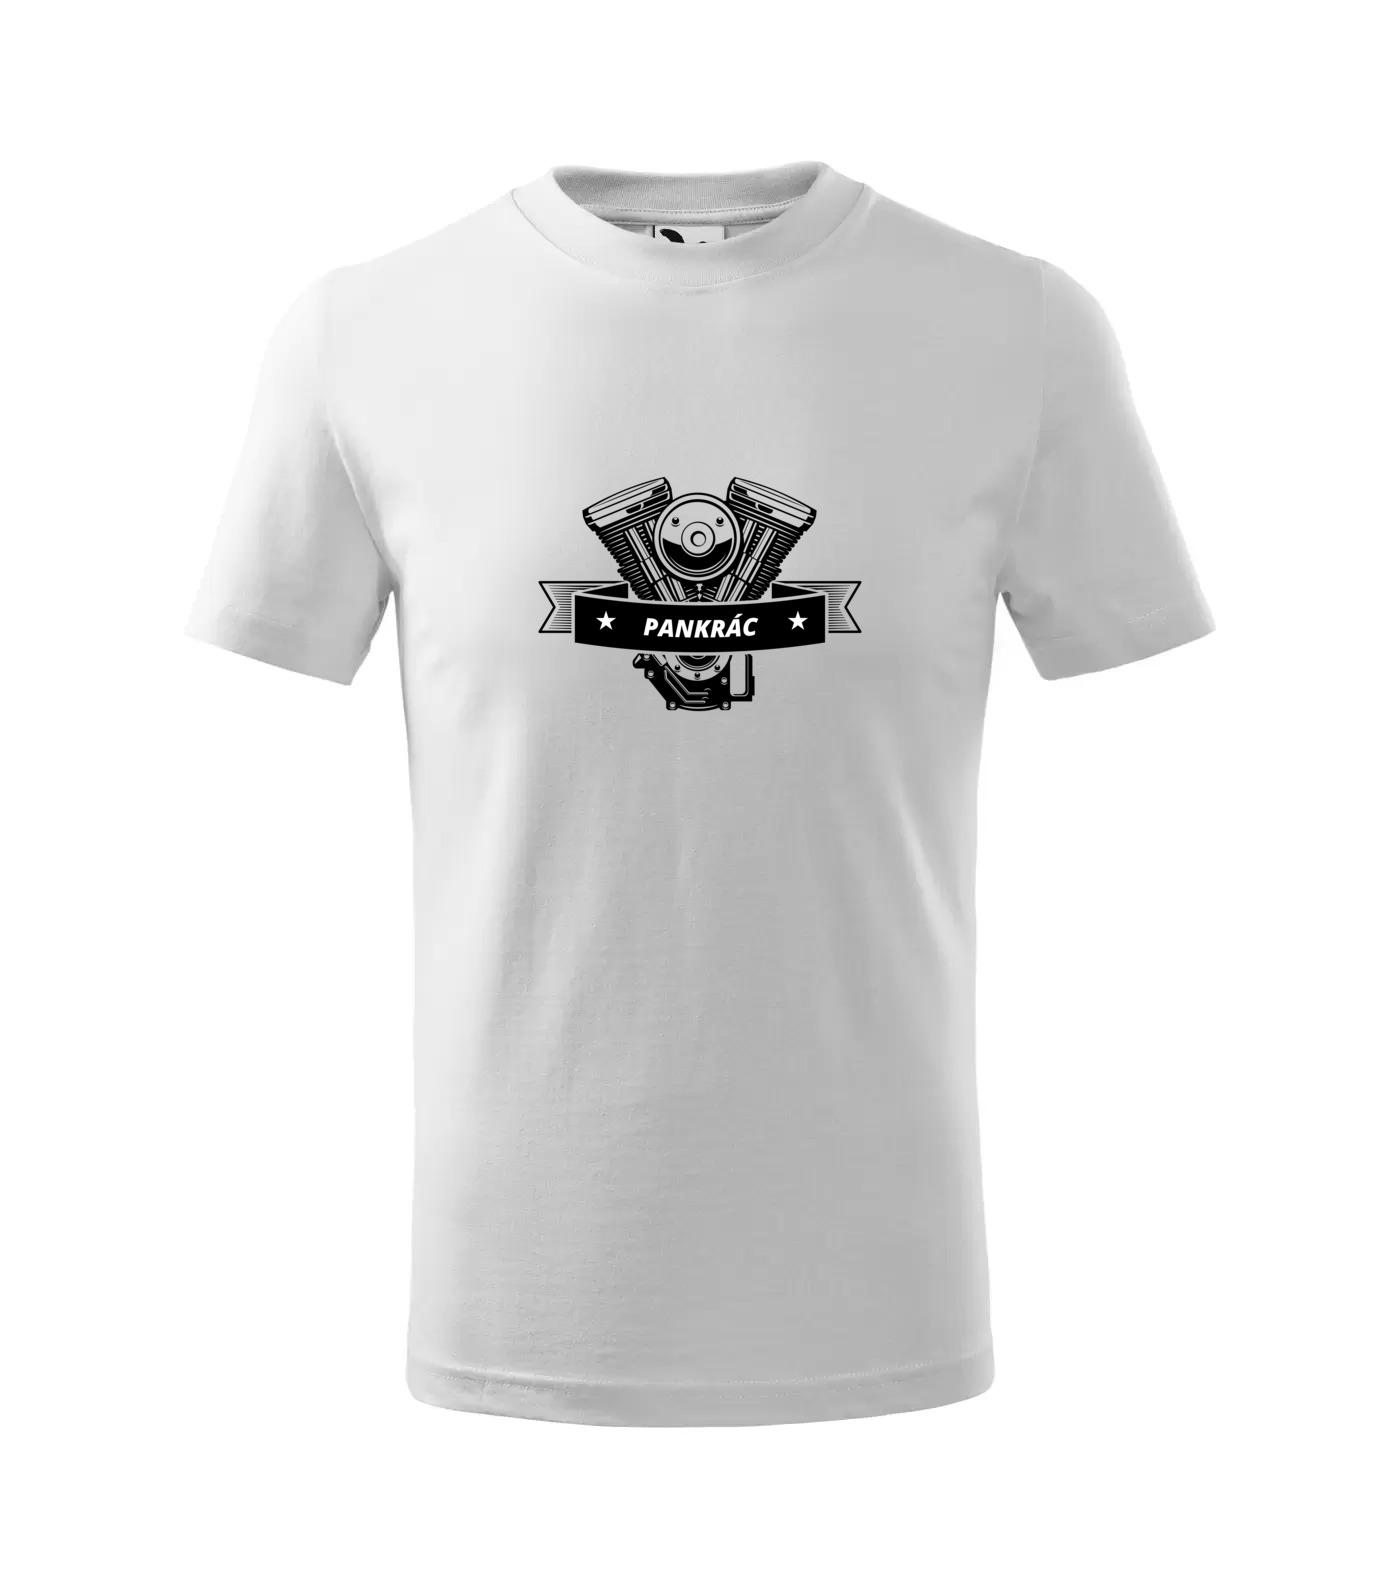 Tričko Motorkář Pankrác